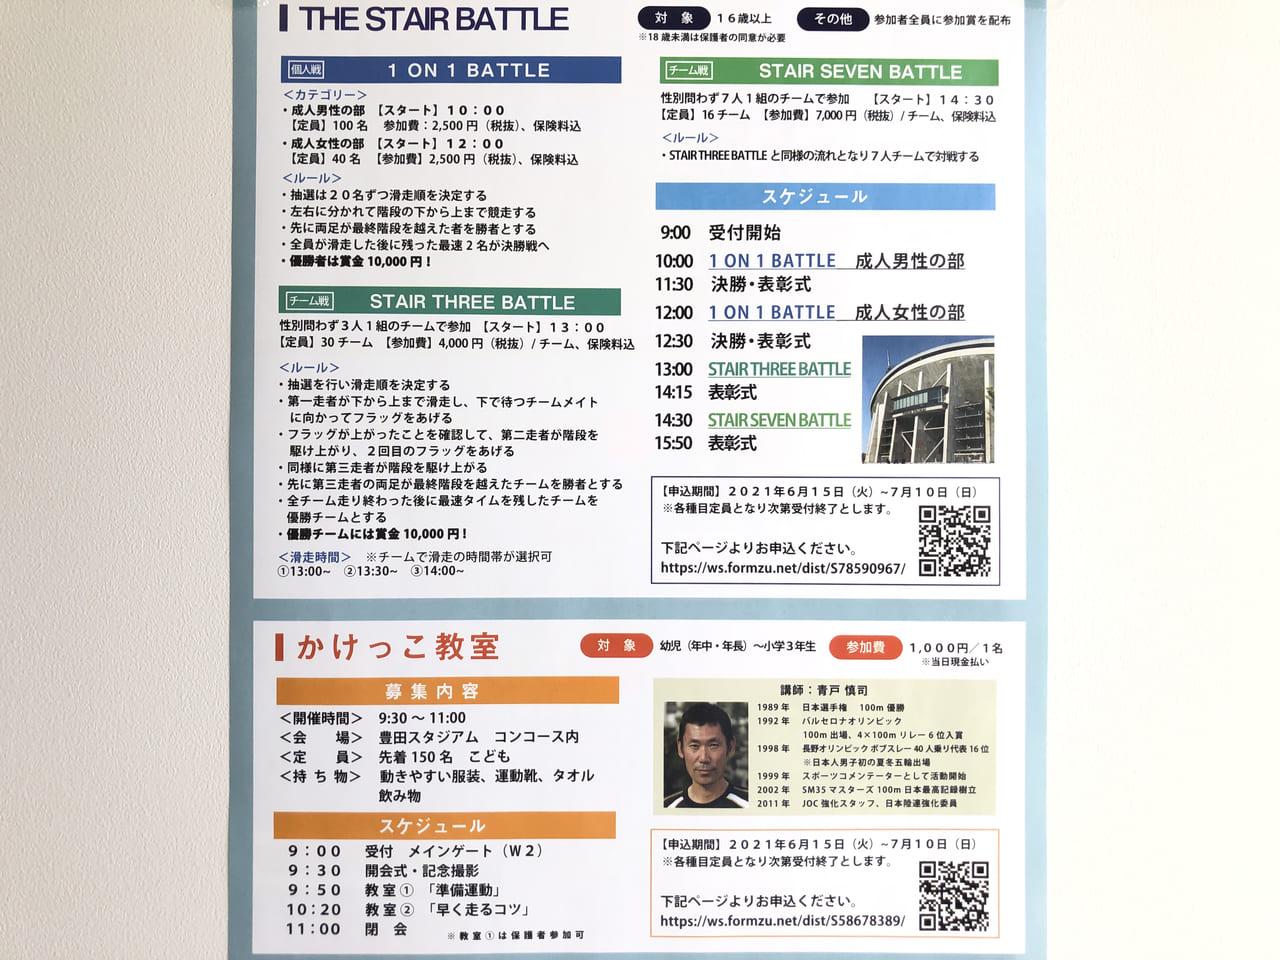 豊田スタジアムスポーツフェスティバル